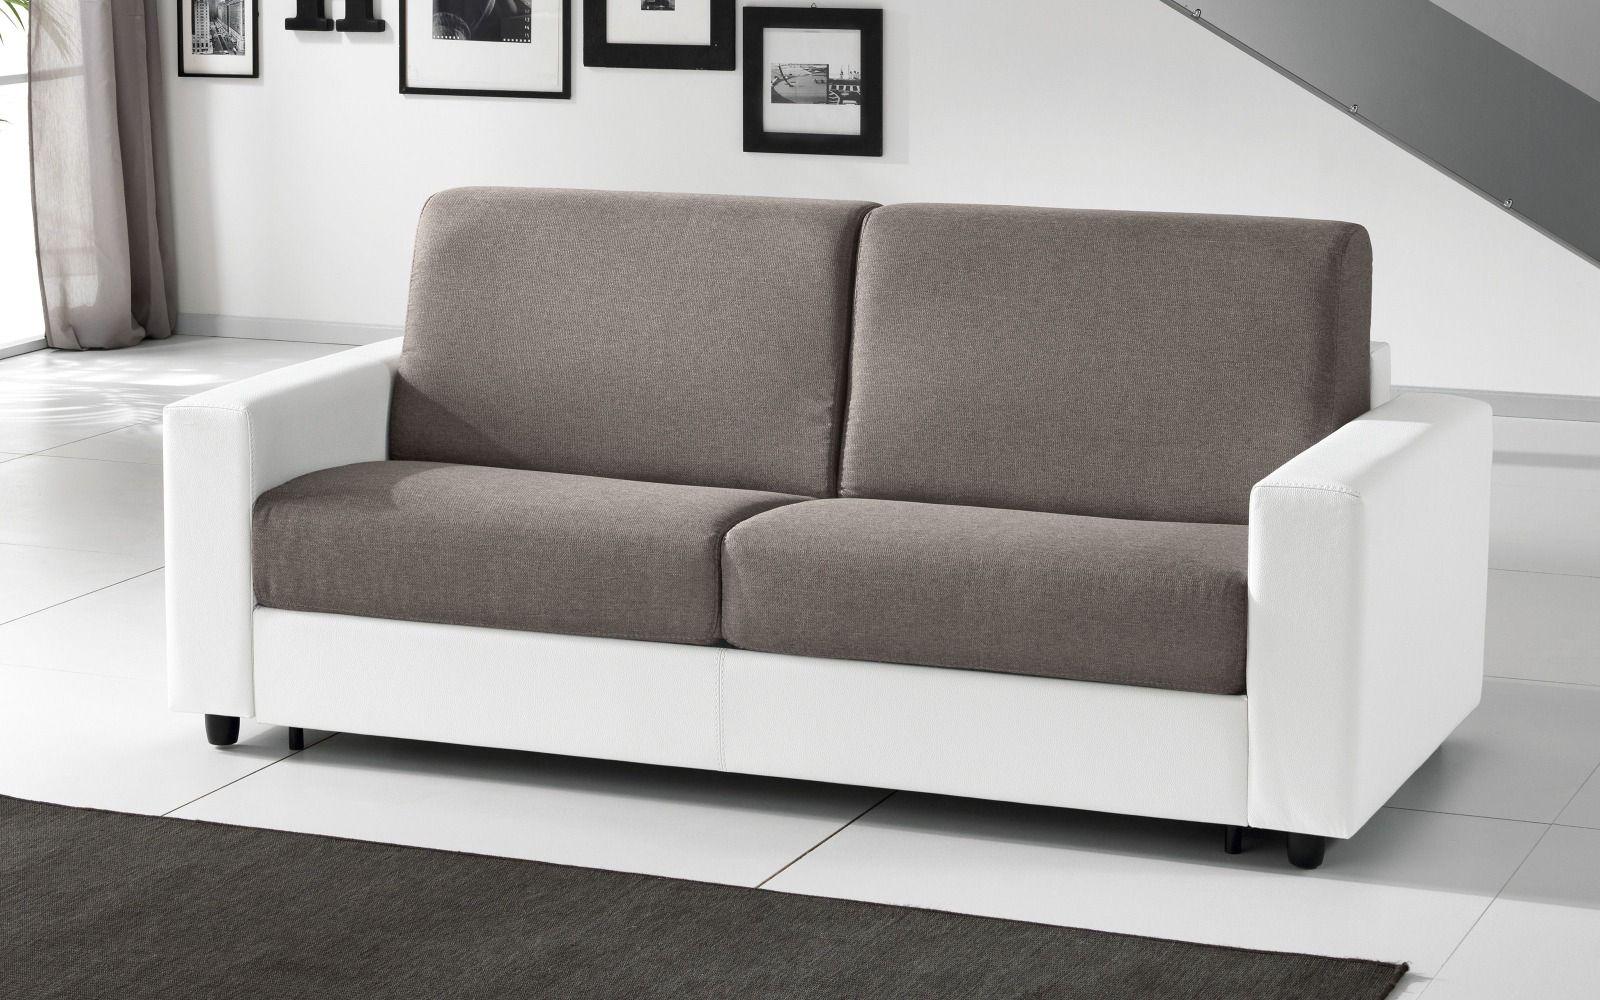 Divano Letto Design Outlet.Similpelle Bianco Tessuto Ambra Brown Divano Letto A Ribalta 3